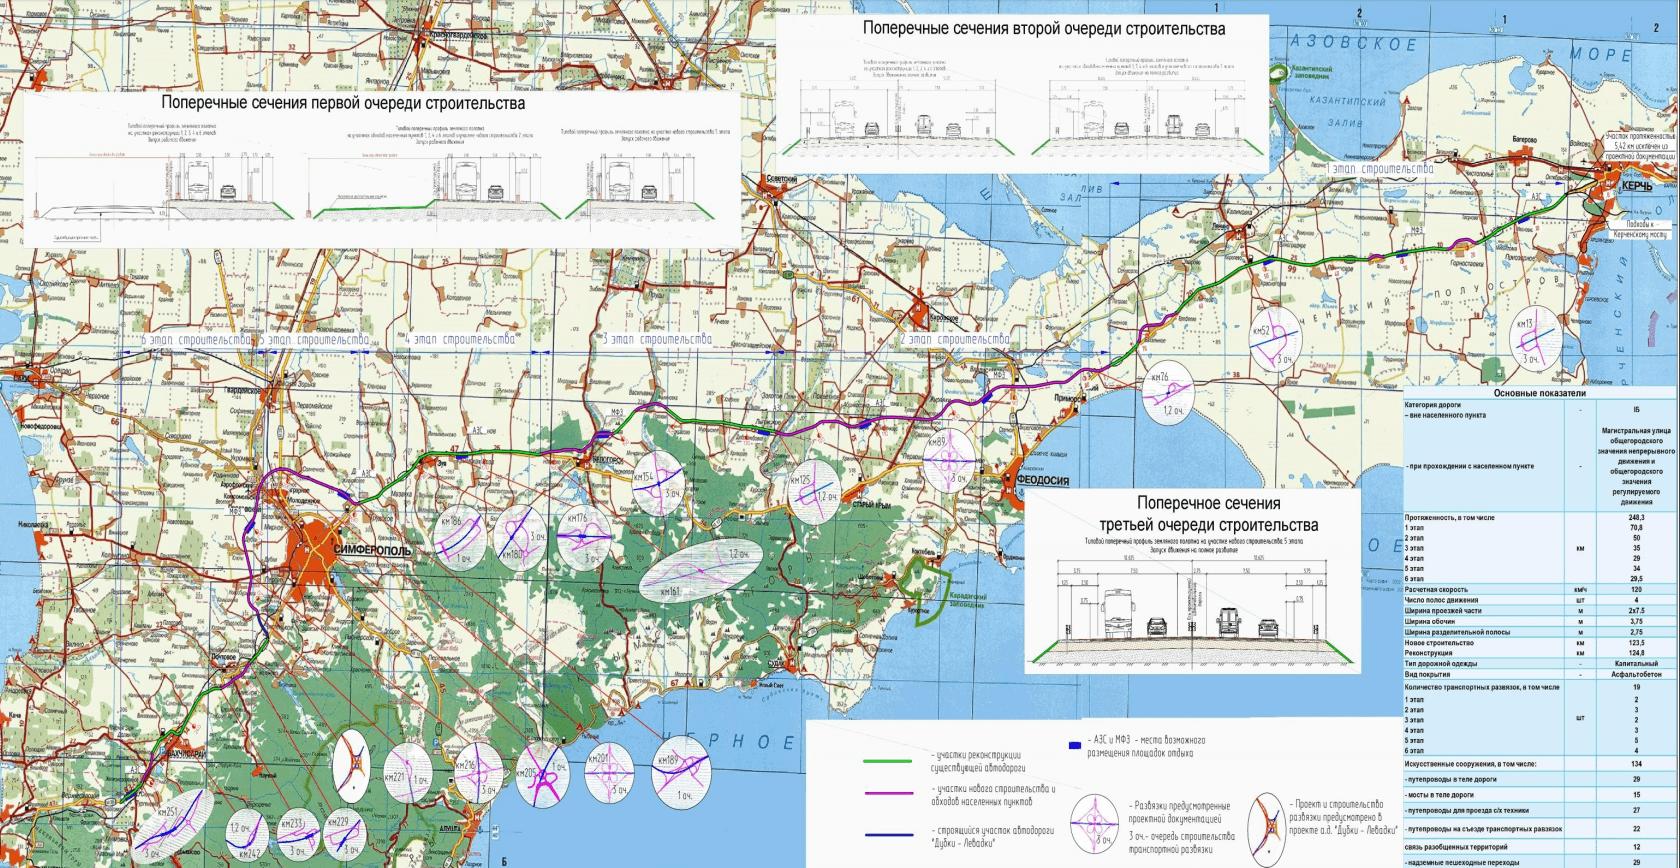 Карта новой федеральной трассы Таврида от Керчи до Севастополя с основными этапами строительства, транспортными развязками, новыми АЗС и объектами инсфраструктуры